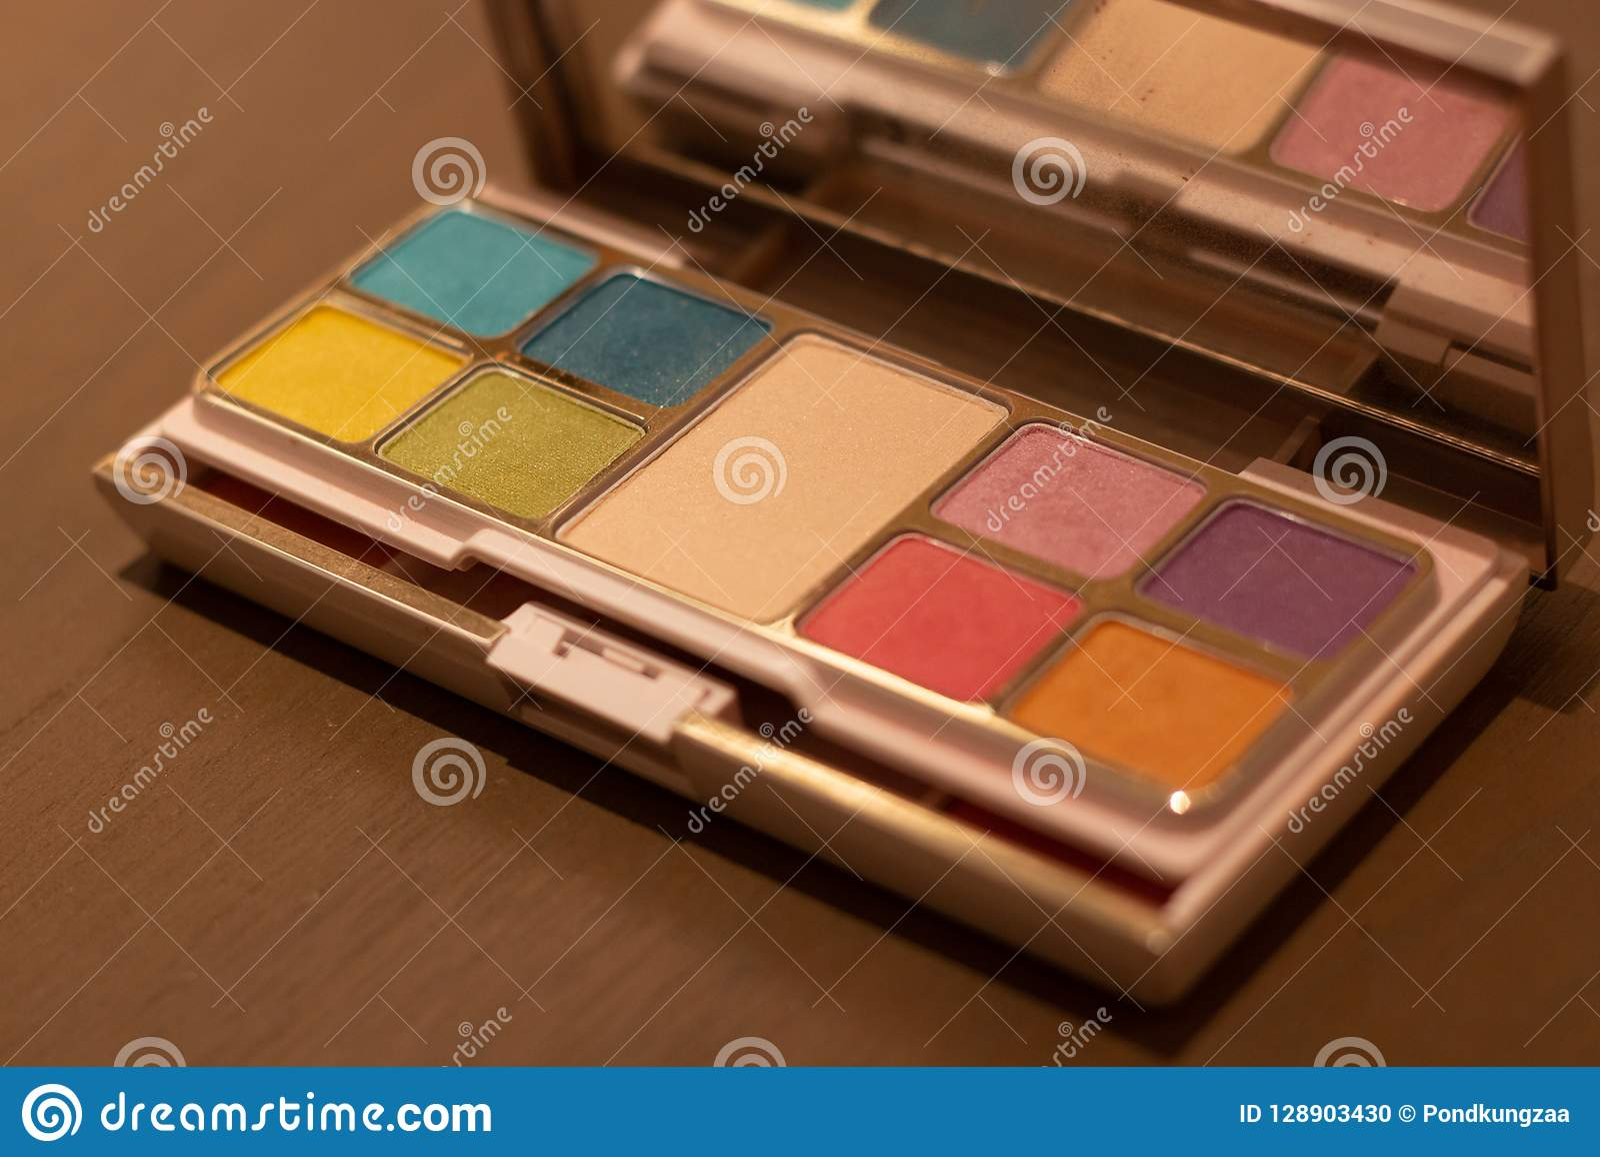 Το καλλυντικό κιβώτιο σκονών έθεσε σε πολλούς το χρώμα στον ξύλινο πίνακα